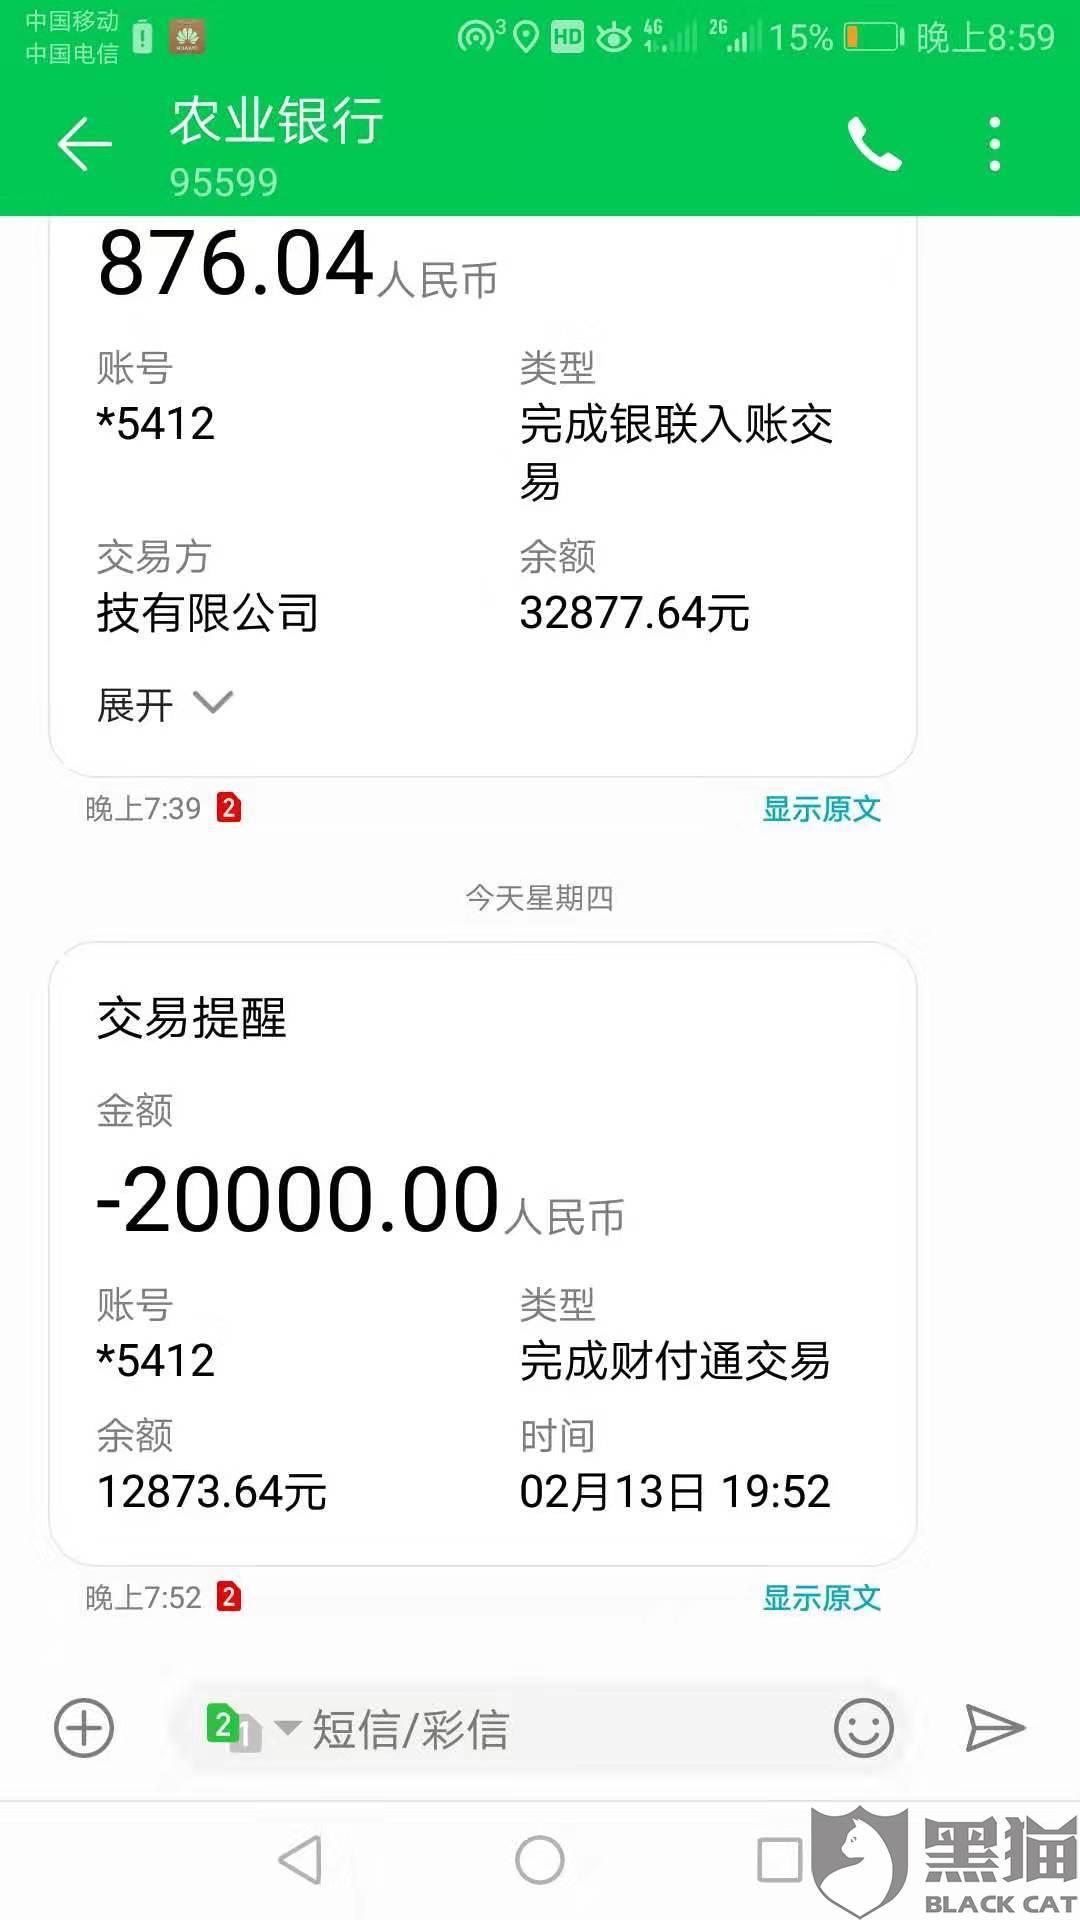 黑猫投诉:中国农业银行客户服务中心用时2天解决了消费者投诉